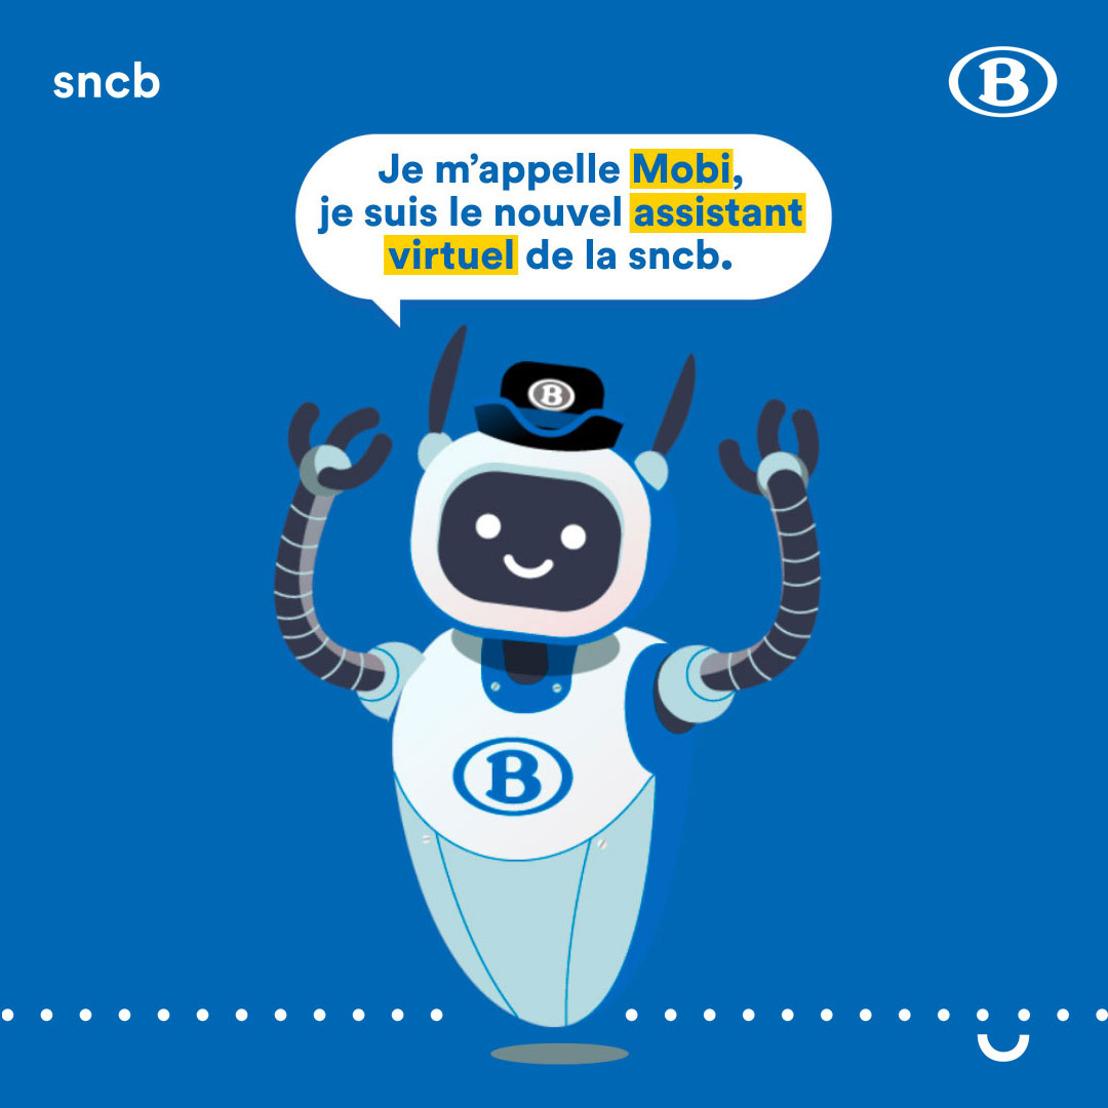 La SNCB lance un chatbot via Facebook Messenger